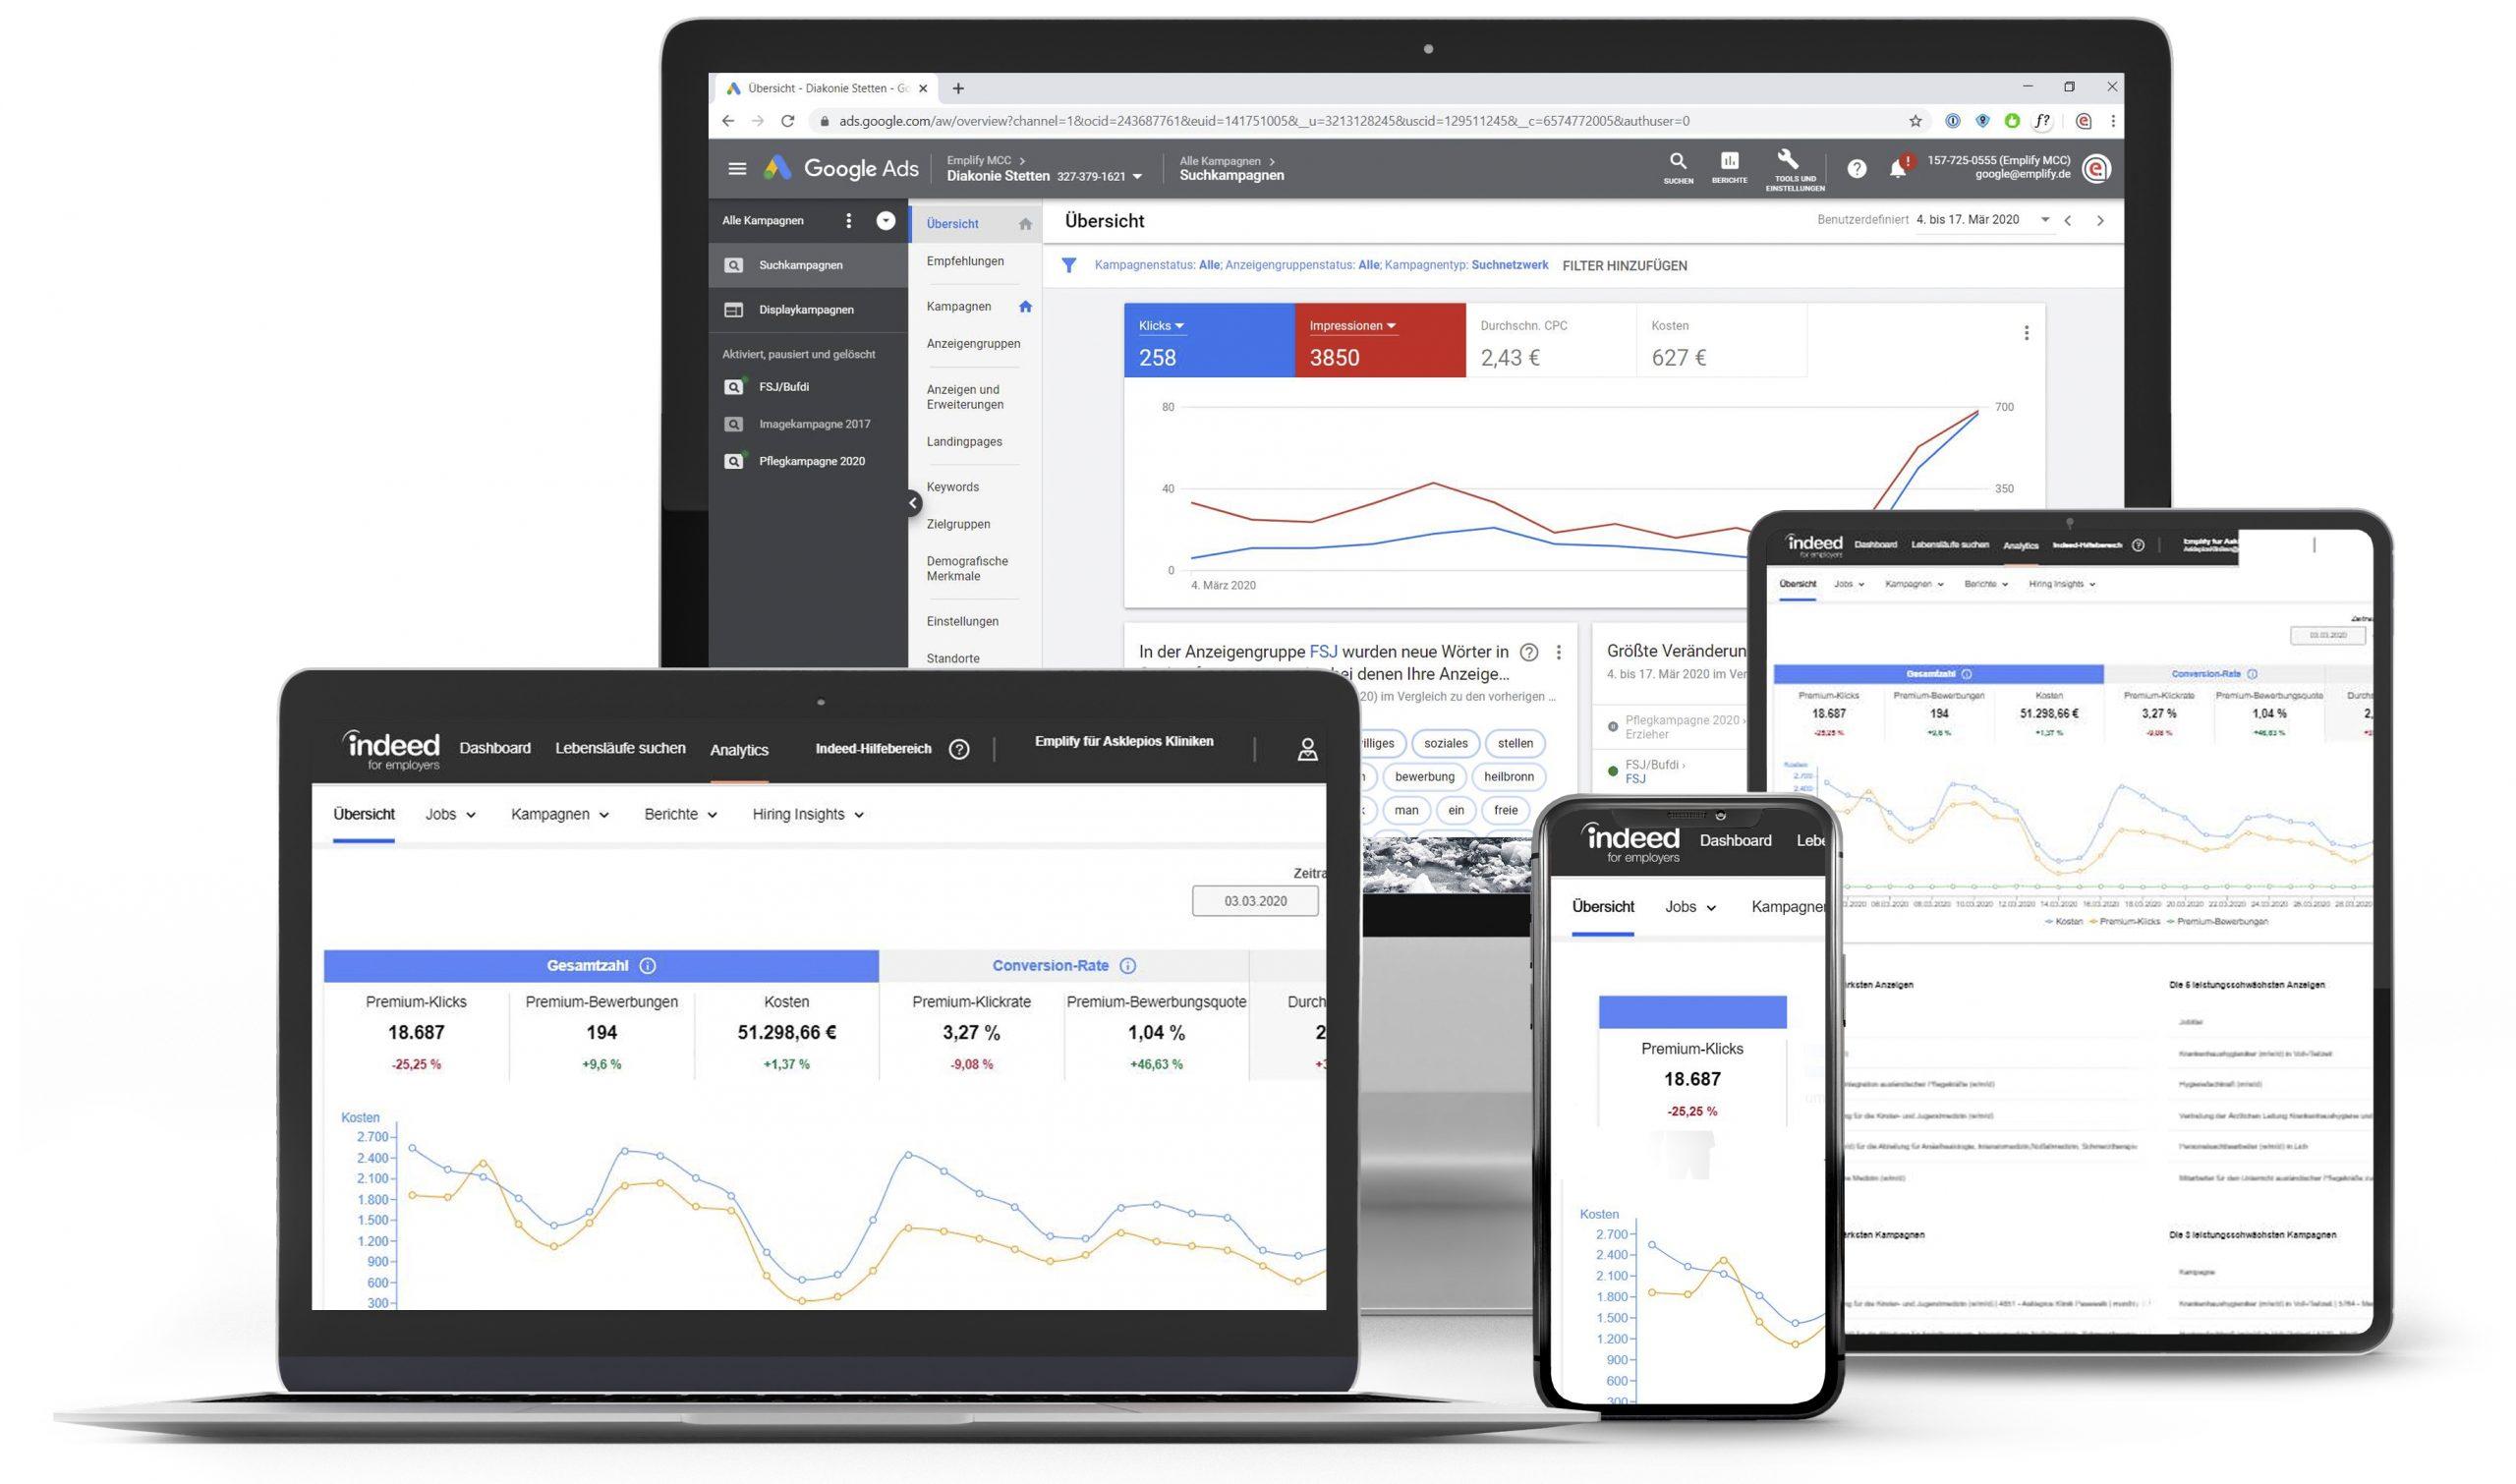 Bildschirm_Google_Ads_Anzeigen